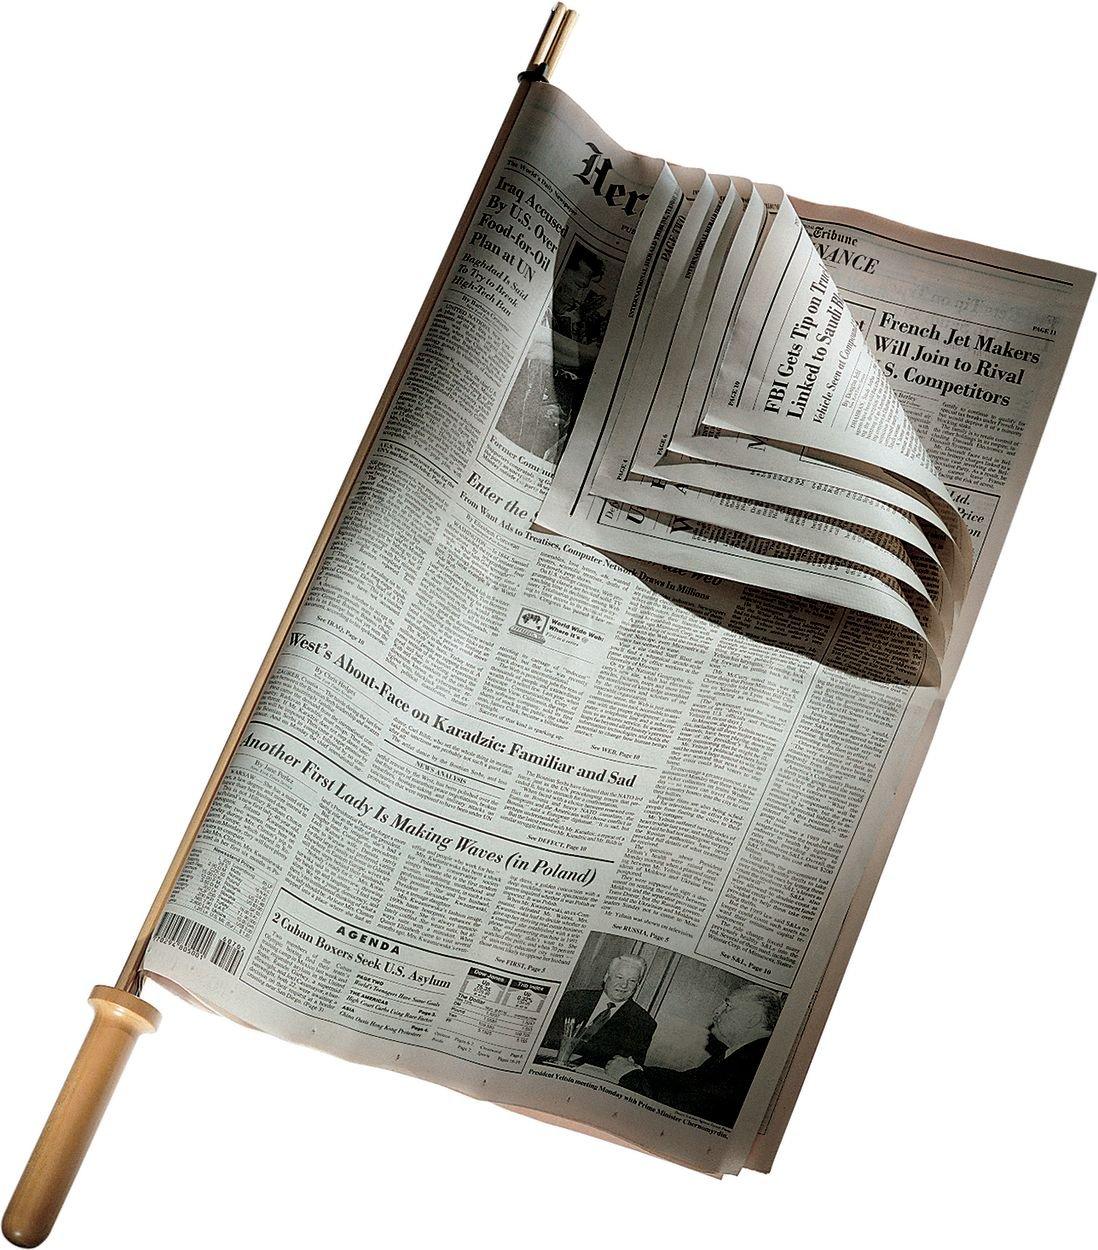 Alessi CO1096 - Soporte de madera para periódicos (75 x 5 cm) Alessi Deutschland GmbH